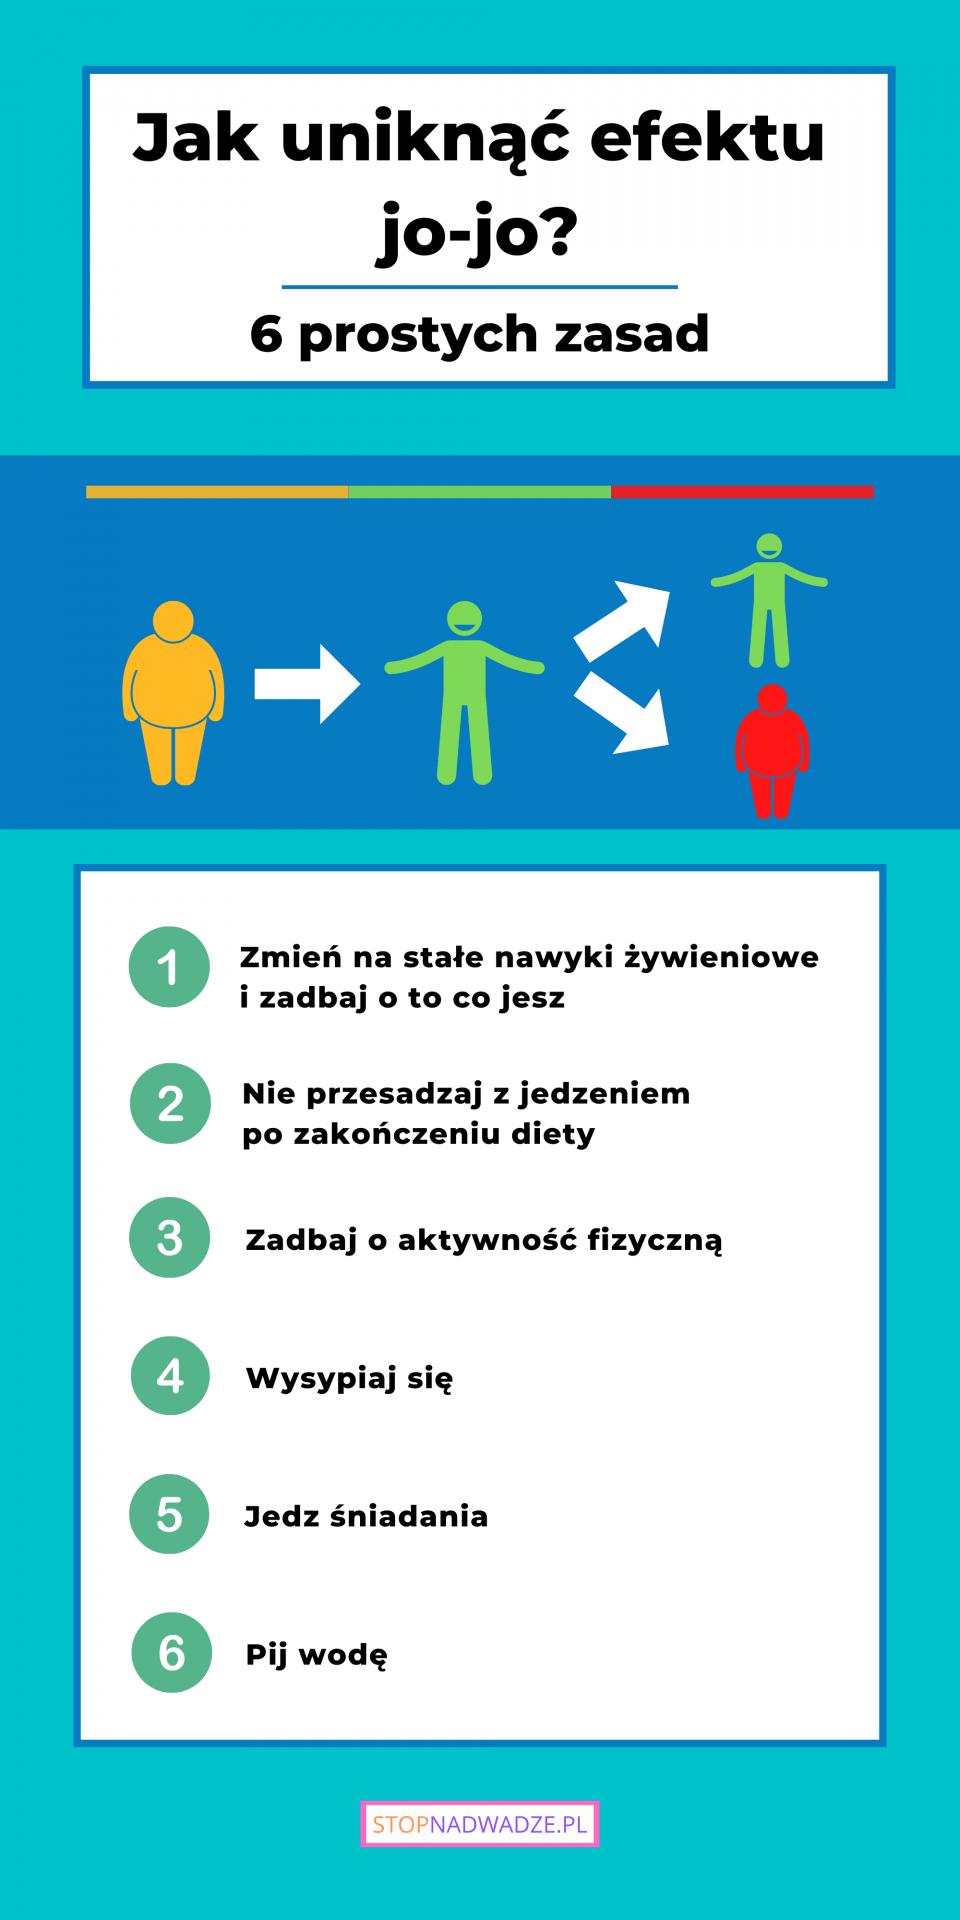 6 zasad jak uniknąć efektu jo-jo przedstawionych na infografice.